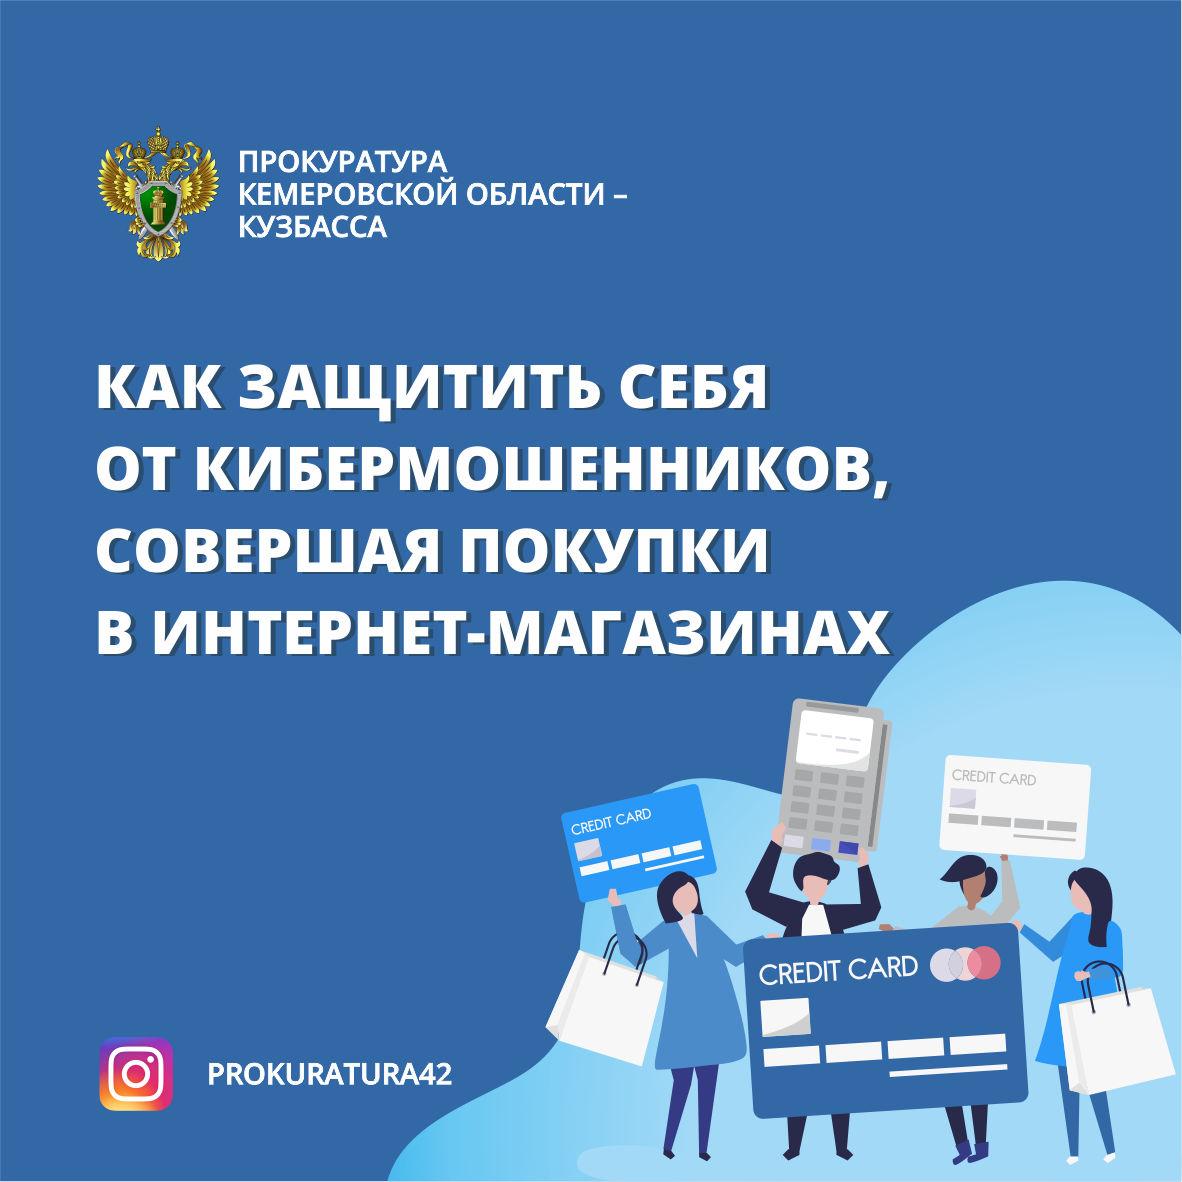 Прокуратура Кемеровской области – Кузбасса предупреждает: Как защитить себя от кибермошенников, совершая покупки в интернет-магазинах